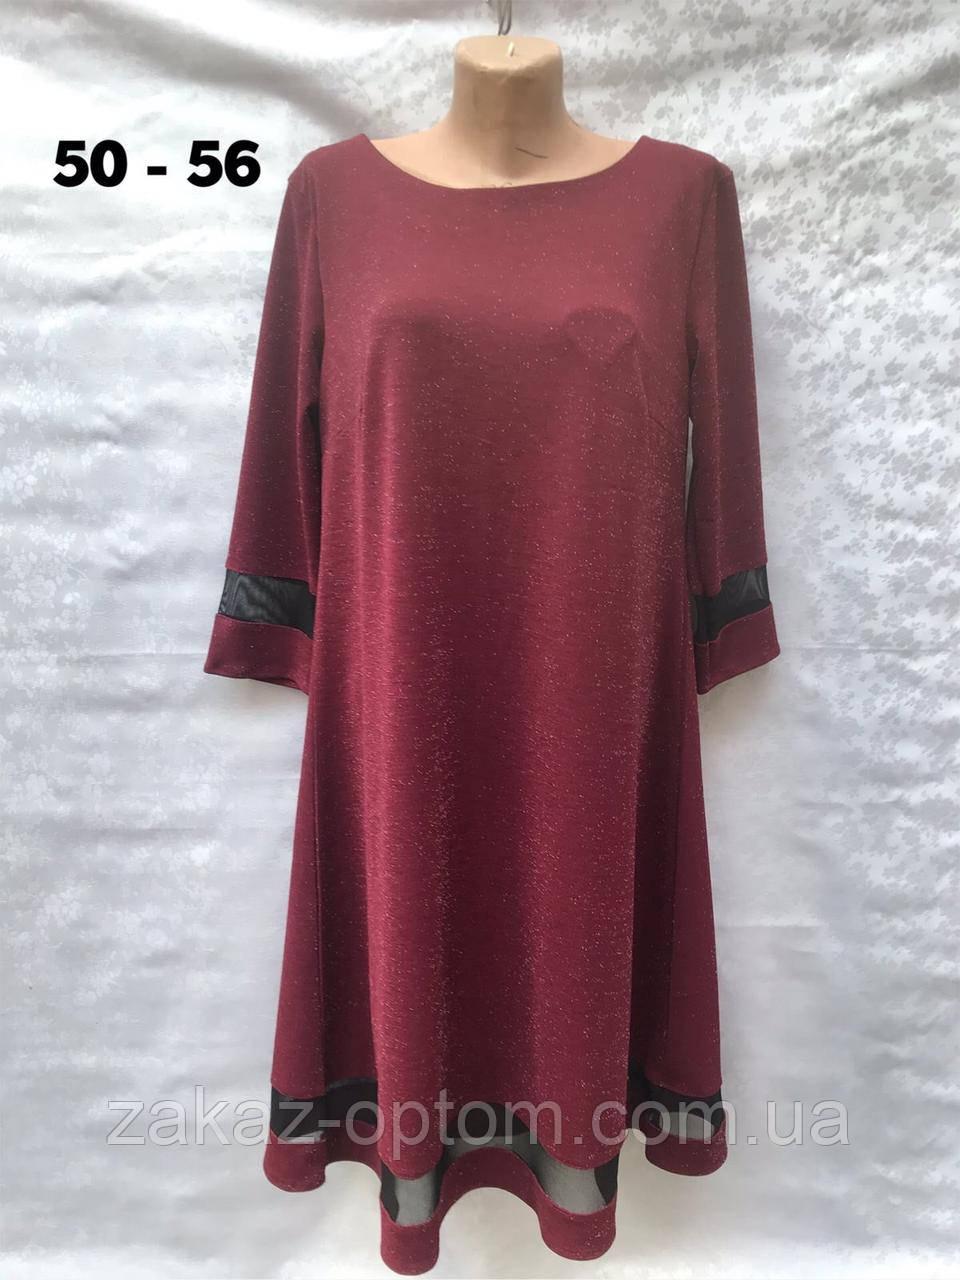 Платье женское оптом(50-56)Украина-62996